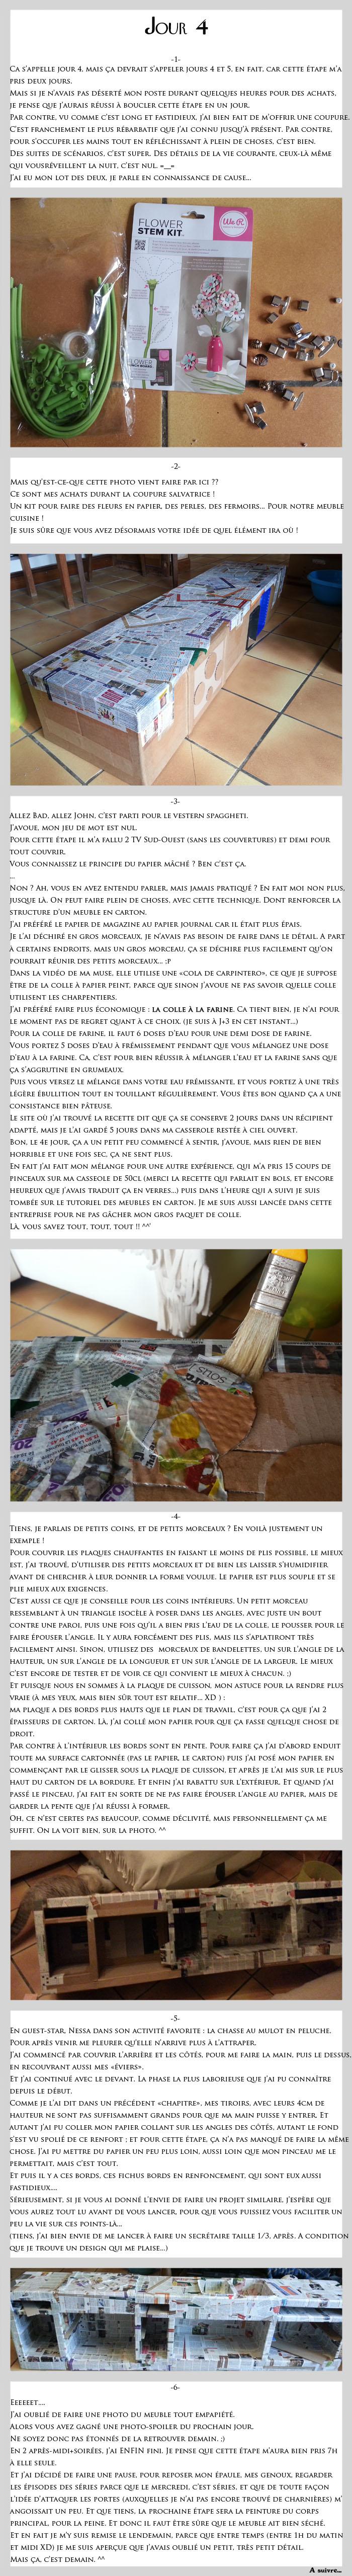 Le coeur de la maison, by Heika -jour 9- Kitchen_day_4_by_monsieur_cheval-d9ttetn